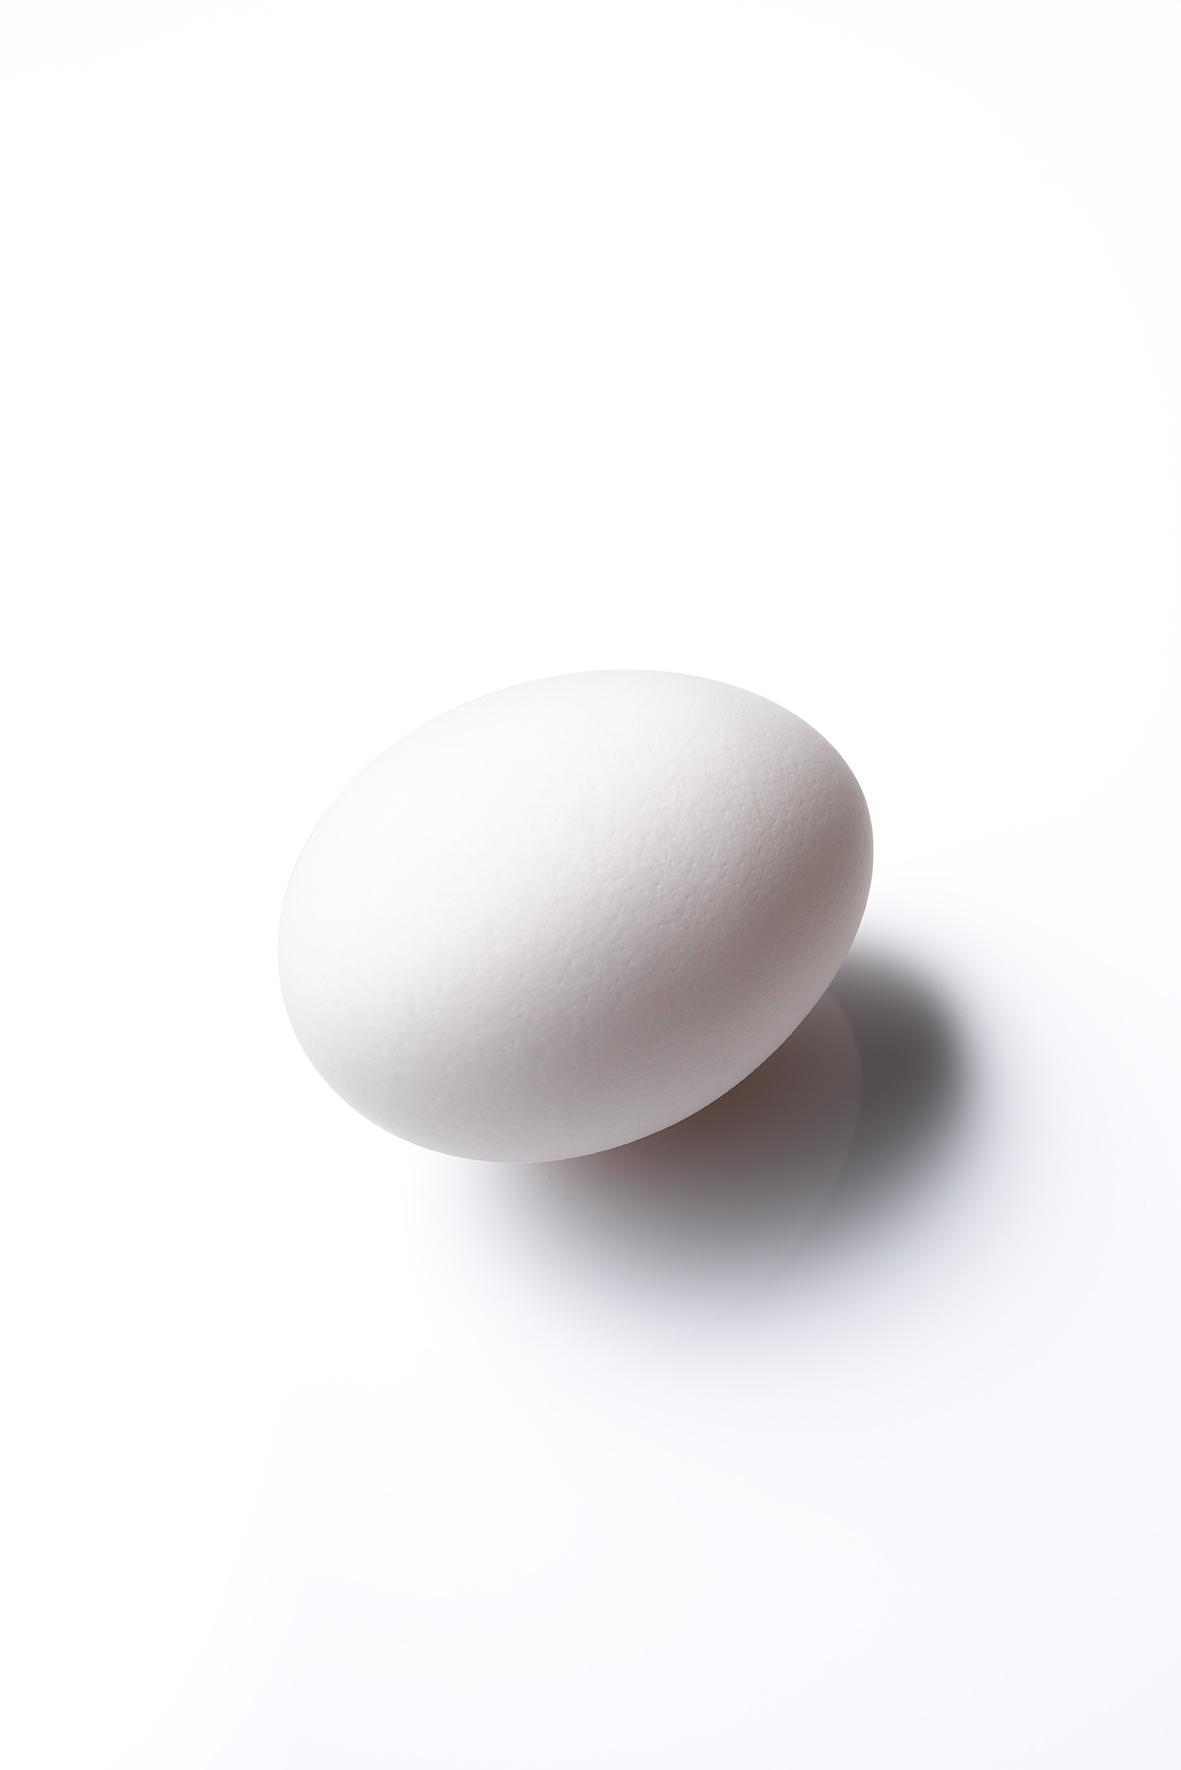 160226_TokyoCalender_Brozer's_Egg